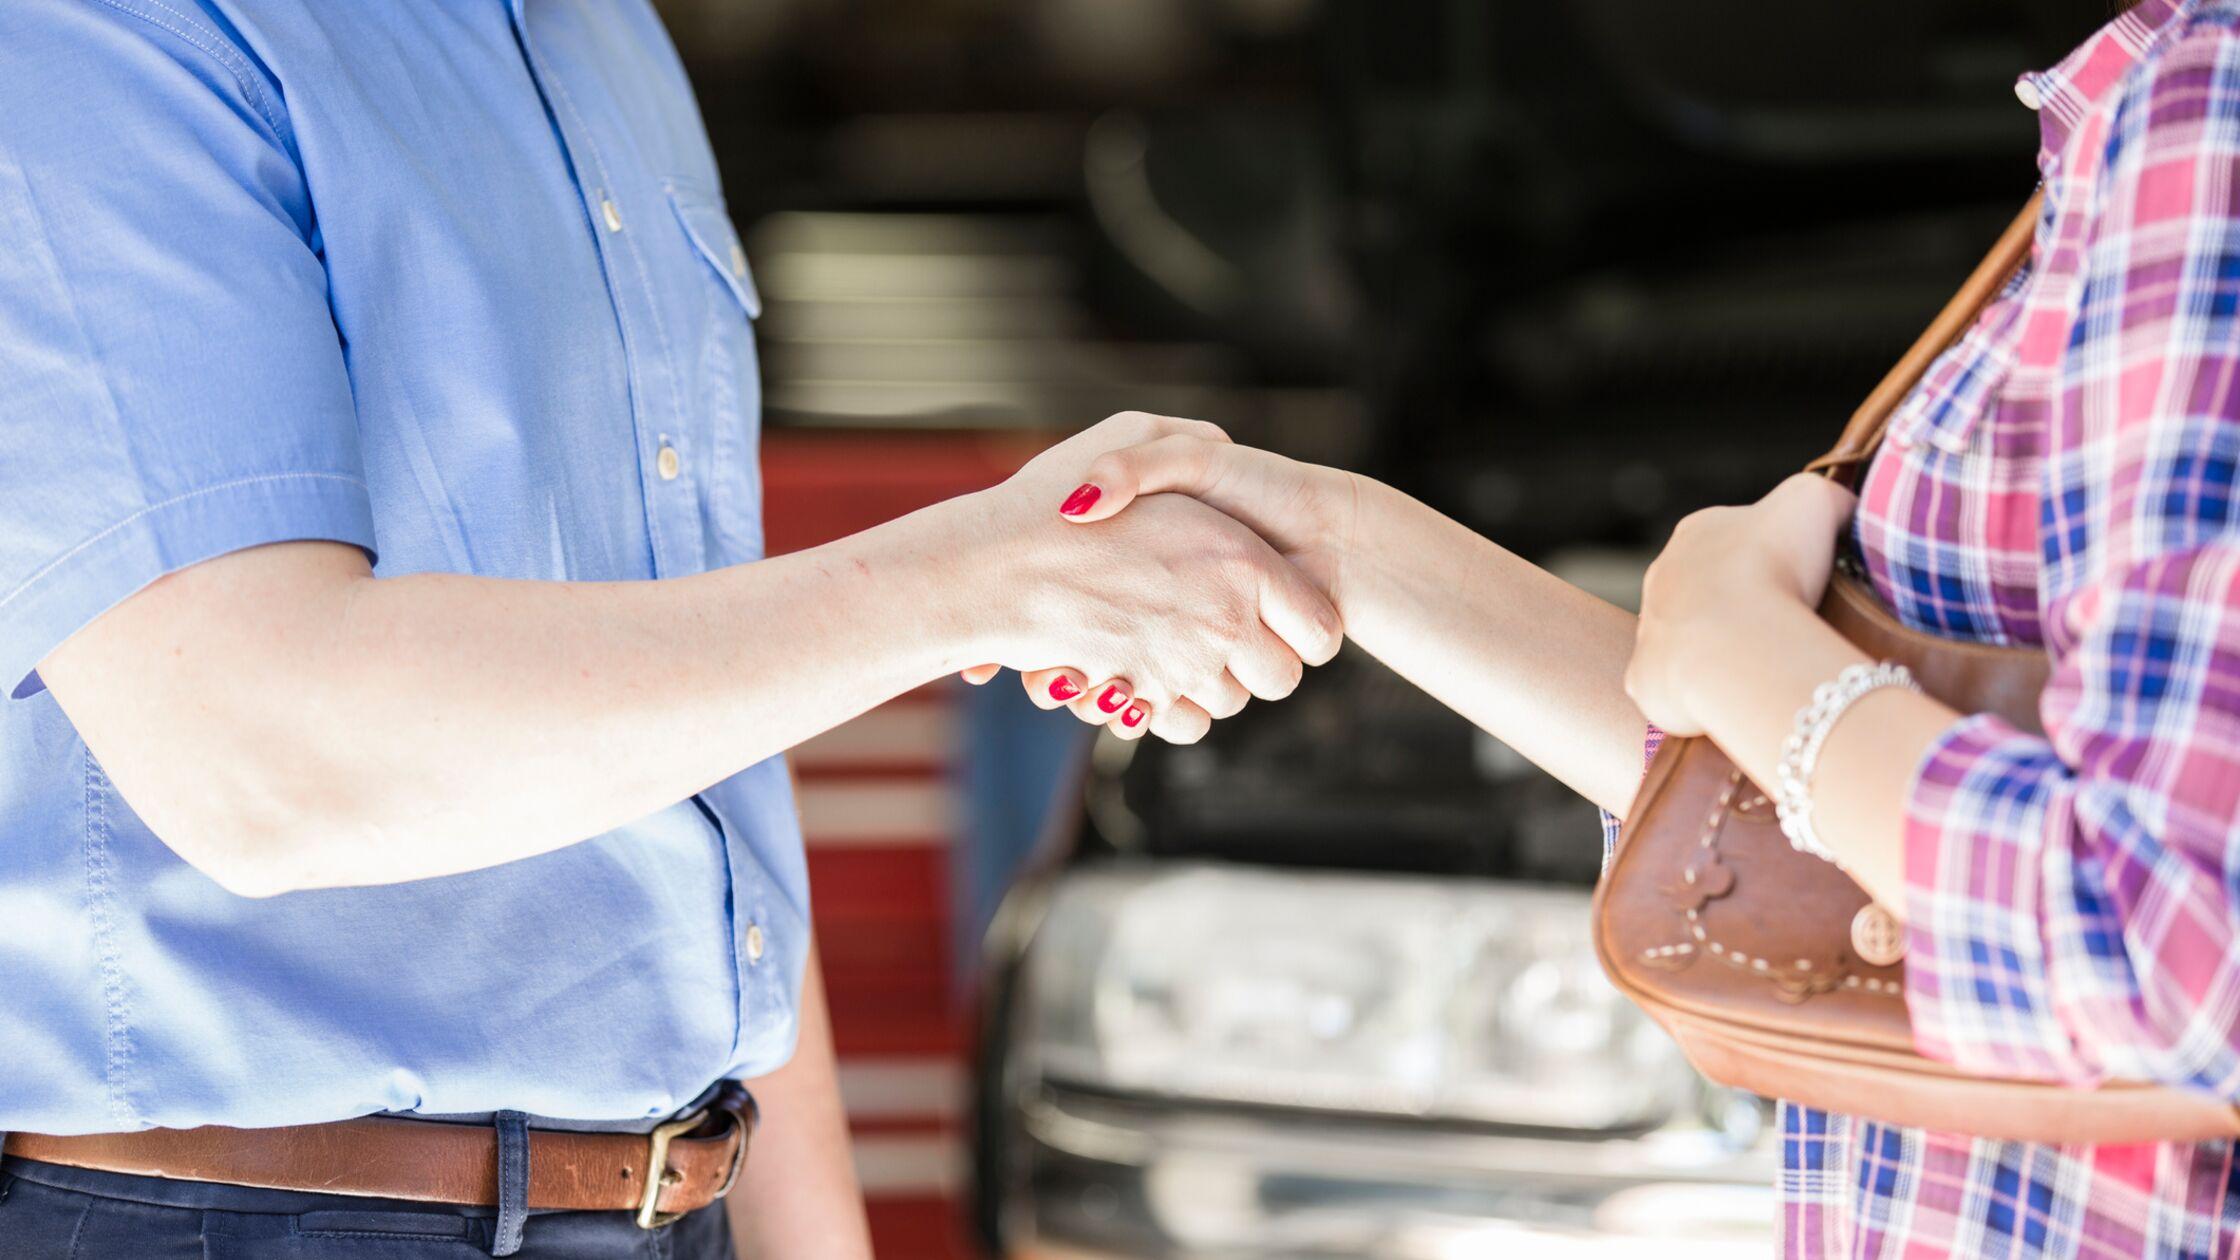 Zwei Personen schütteln Hände, im Hintergrund ein Auto